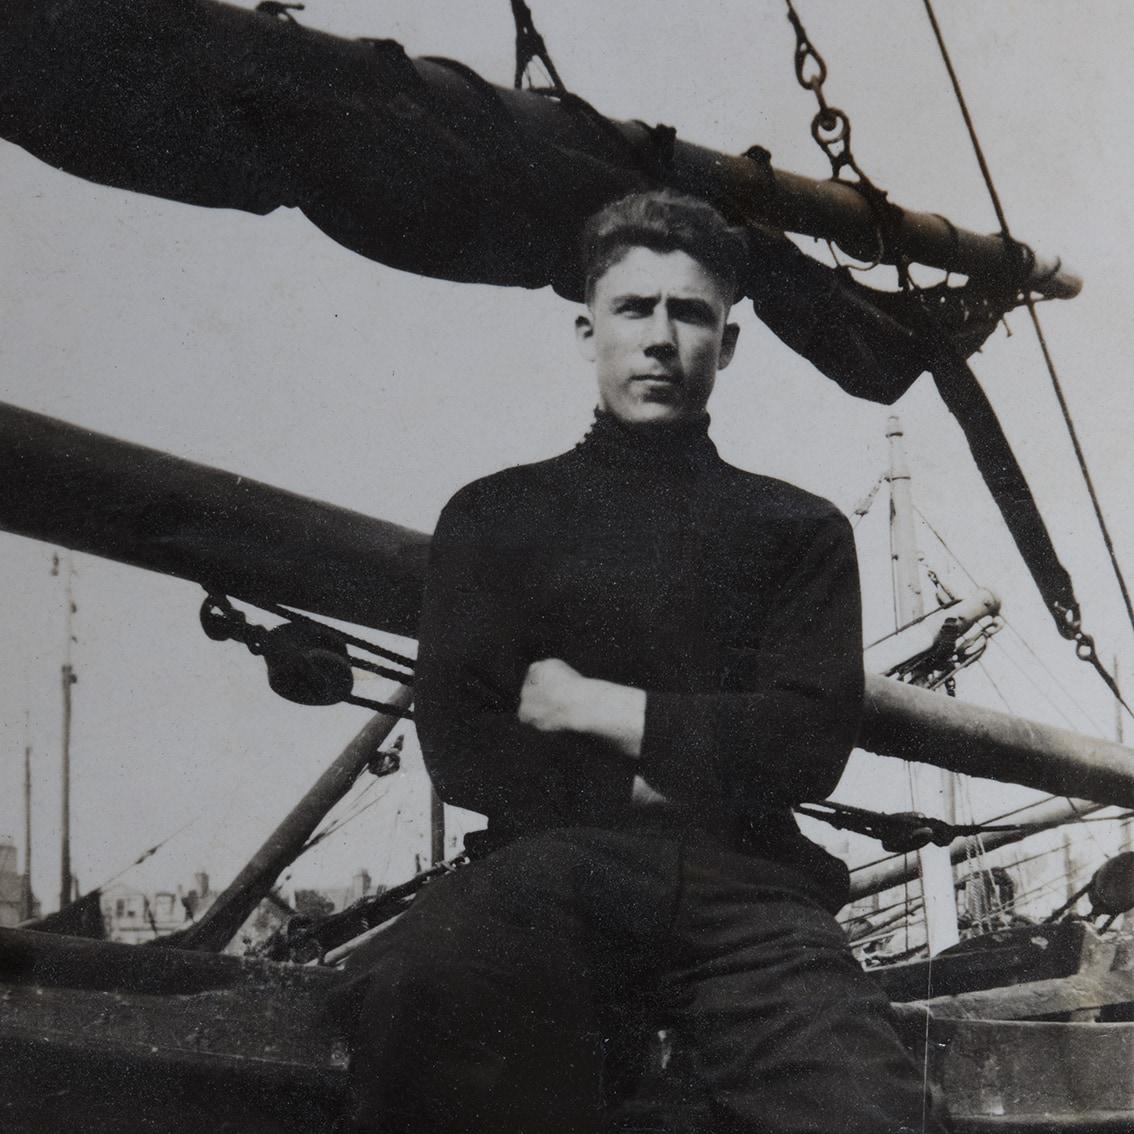 Thomas Matheson